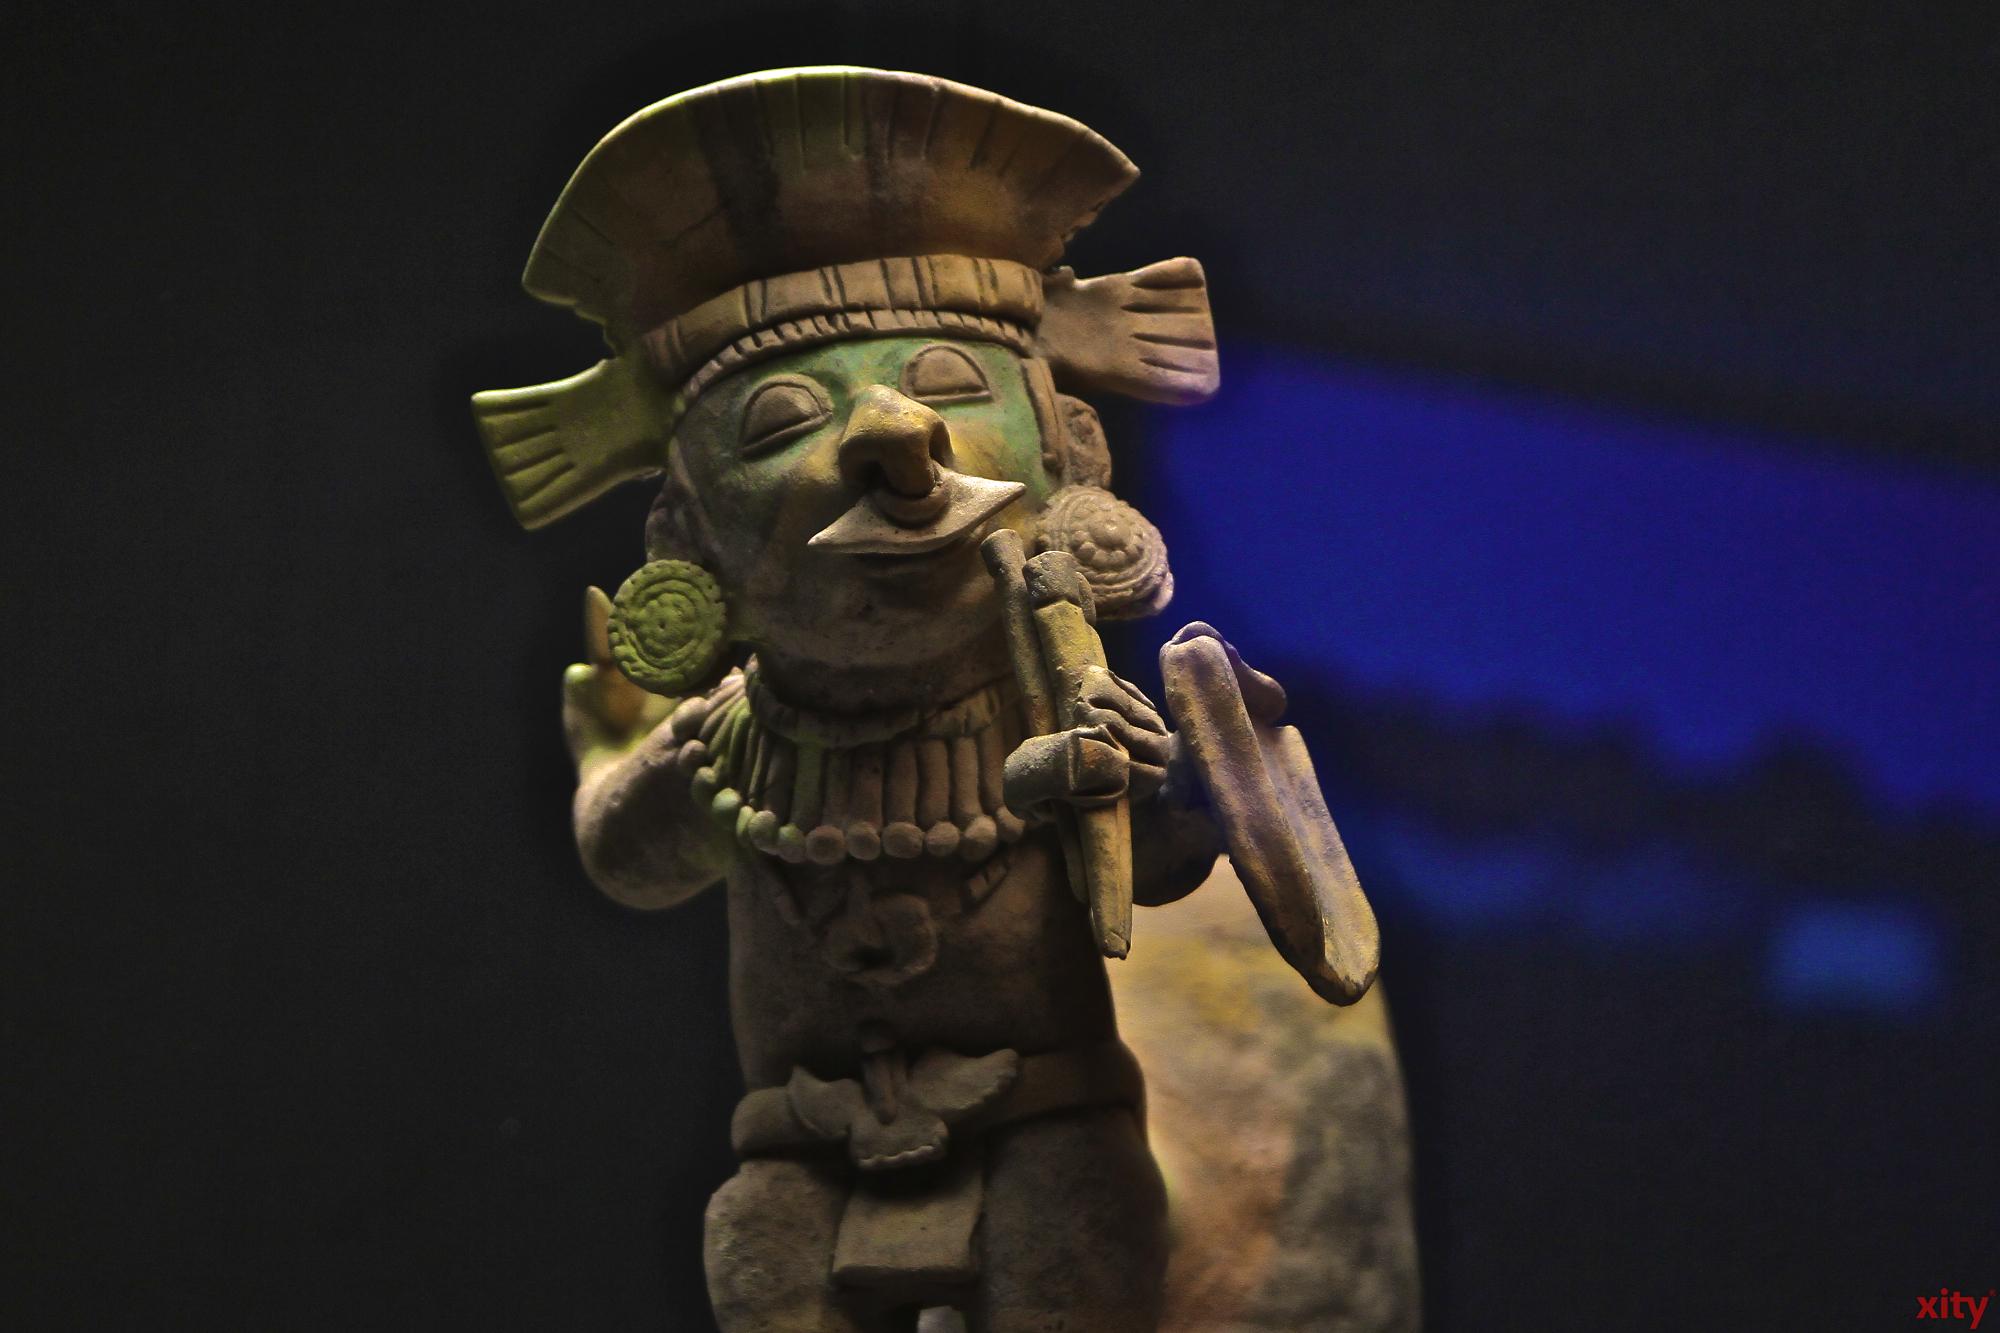 Das Hetjens-Museum zeigt momentan eine Ausstellung mit Keramik aus den Anden (Foto: xity)